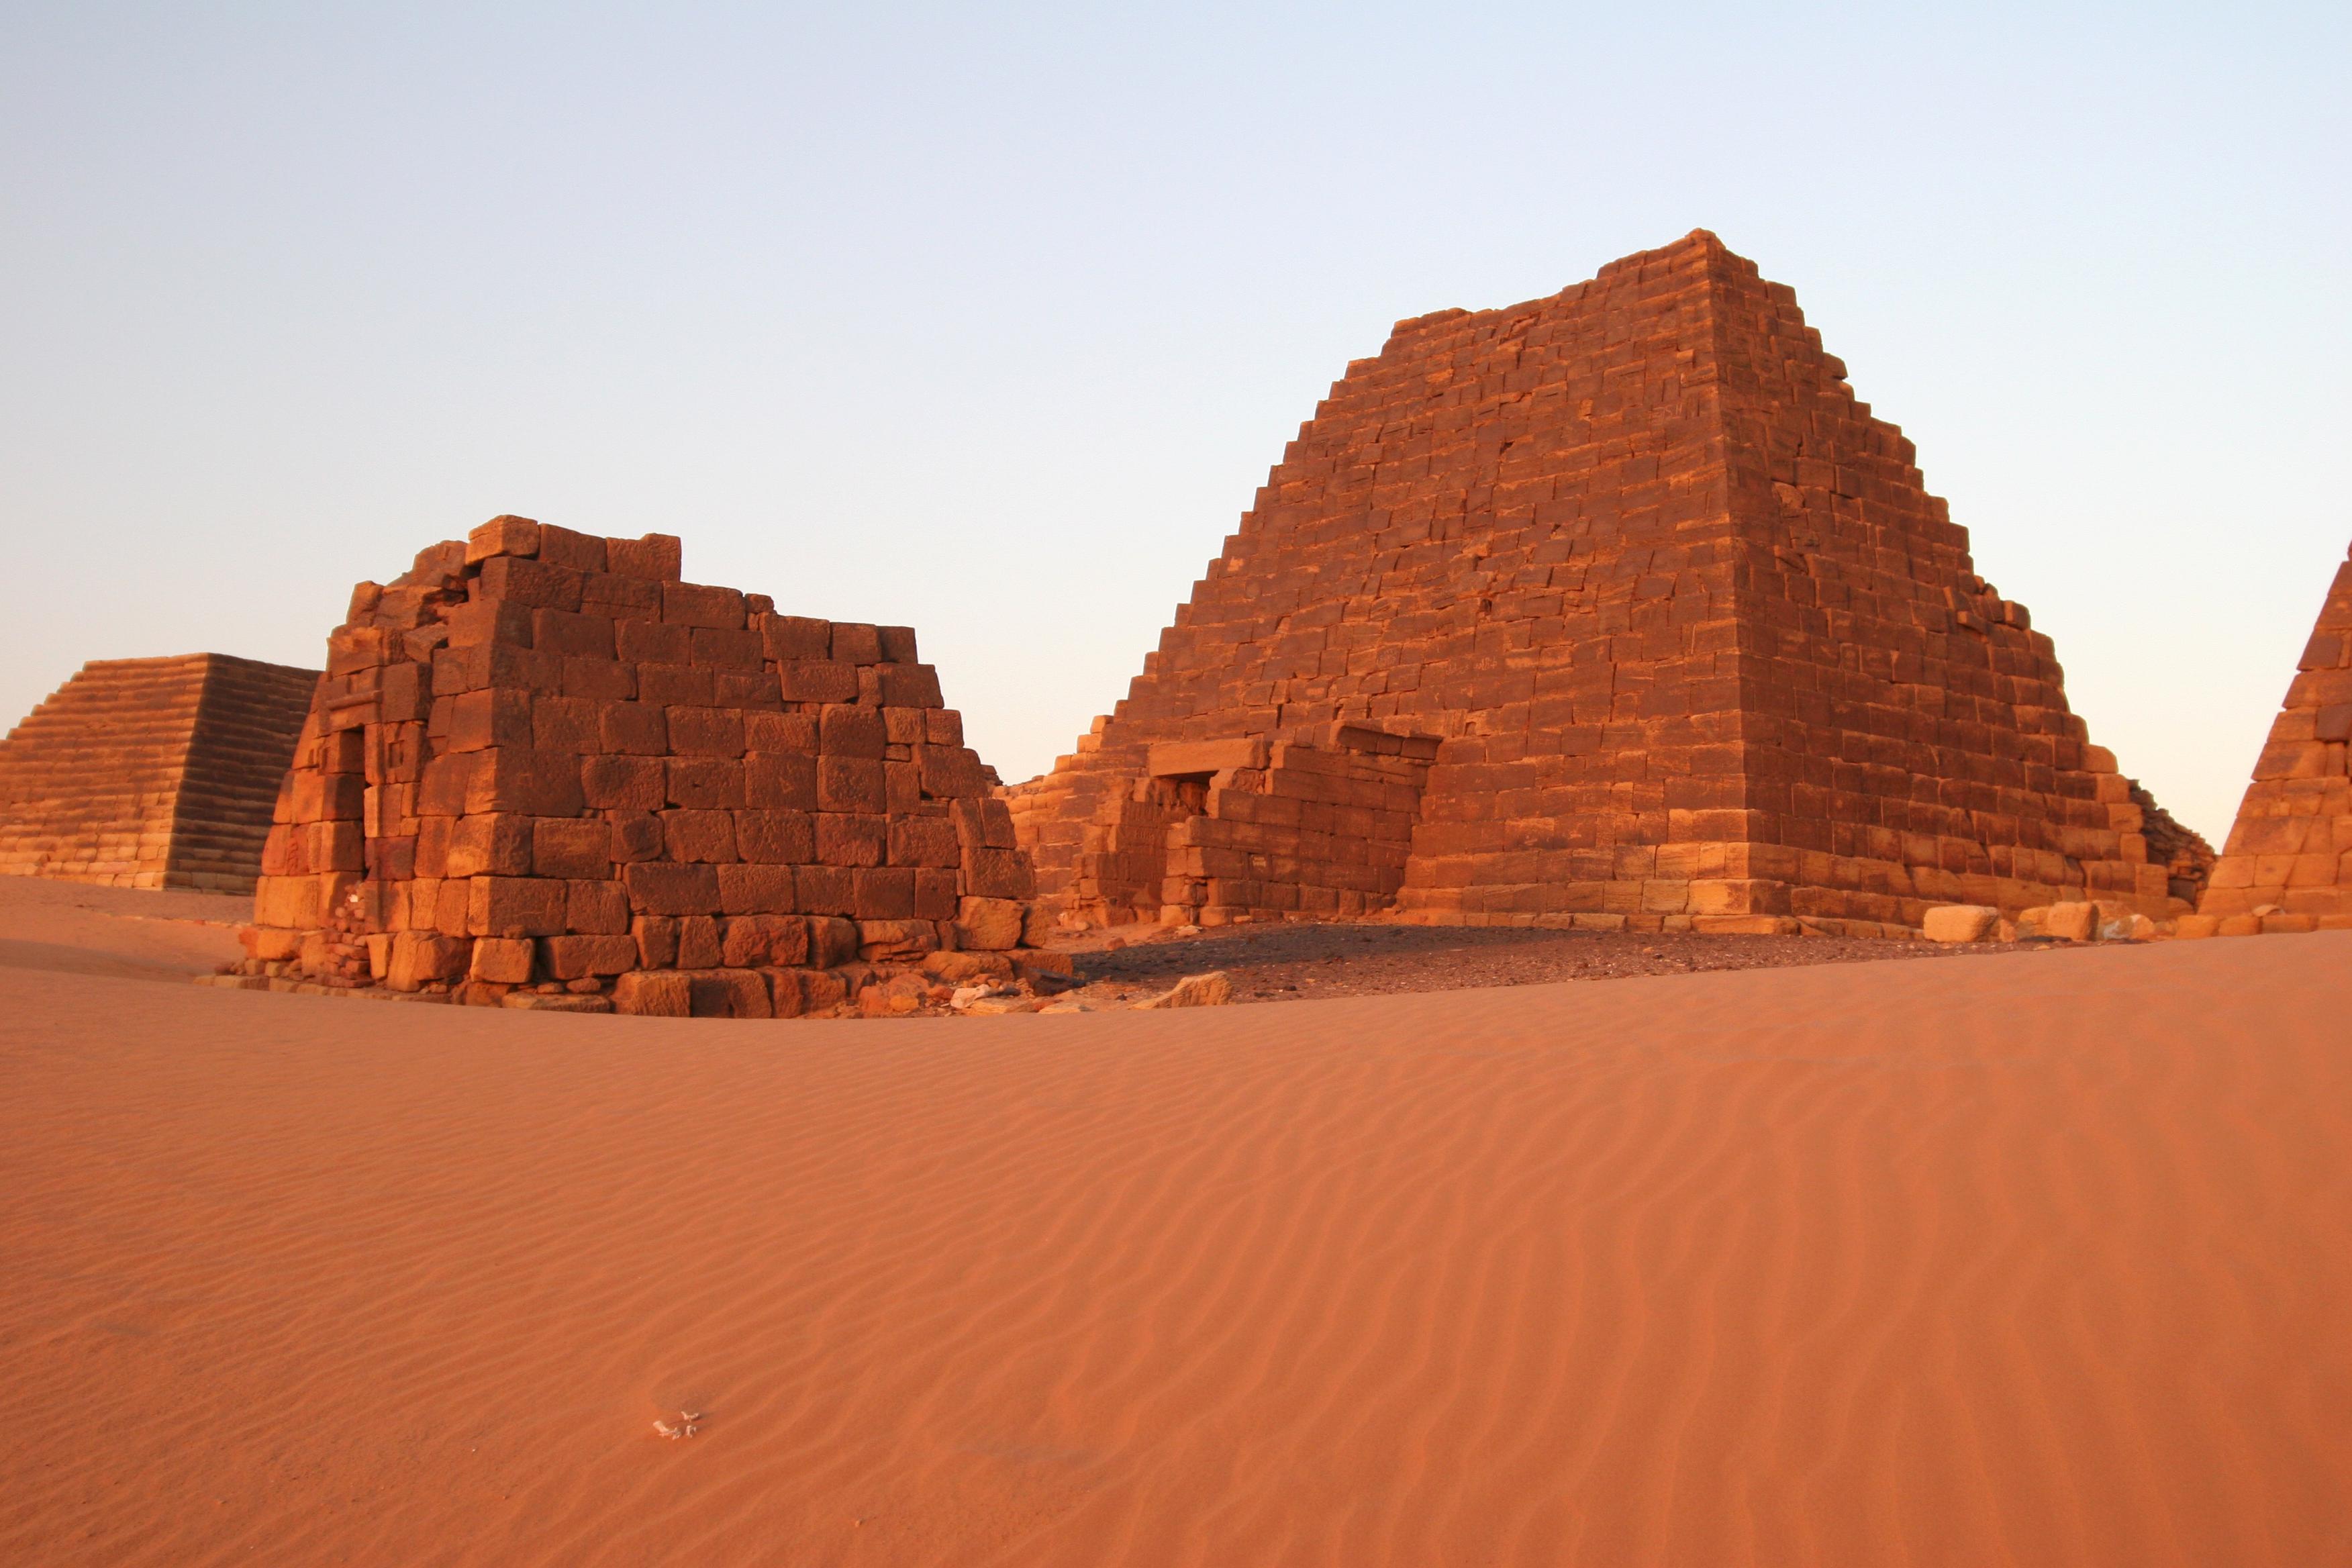 Famed Meroe Pyramids in Sudan